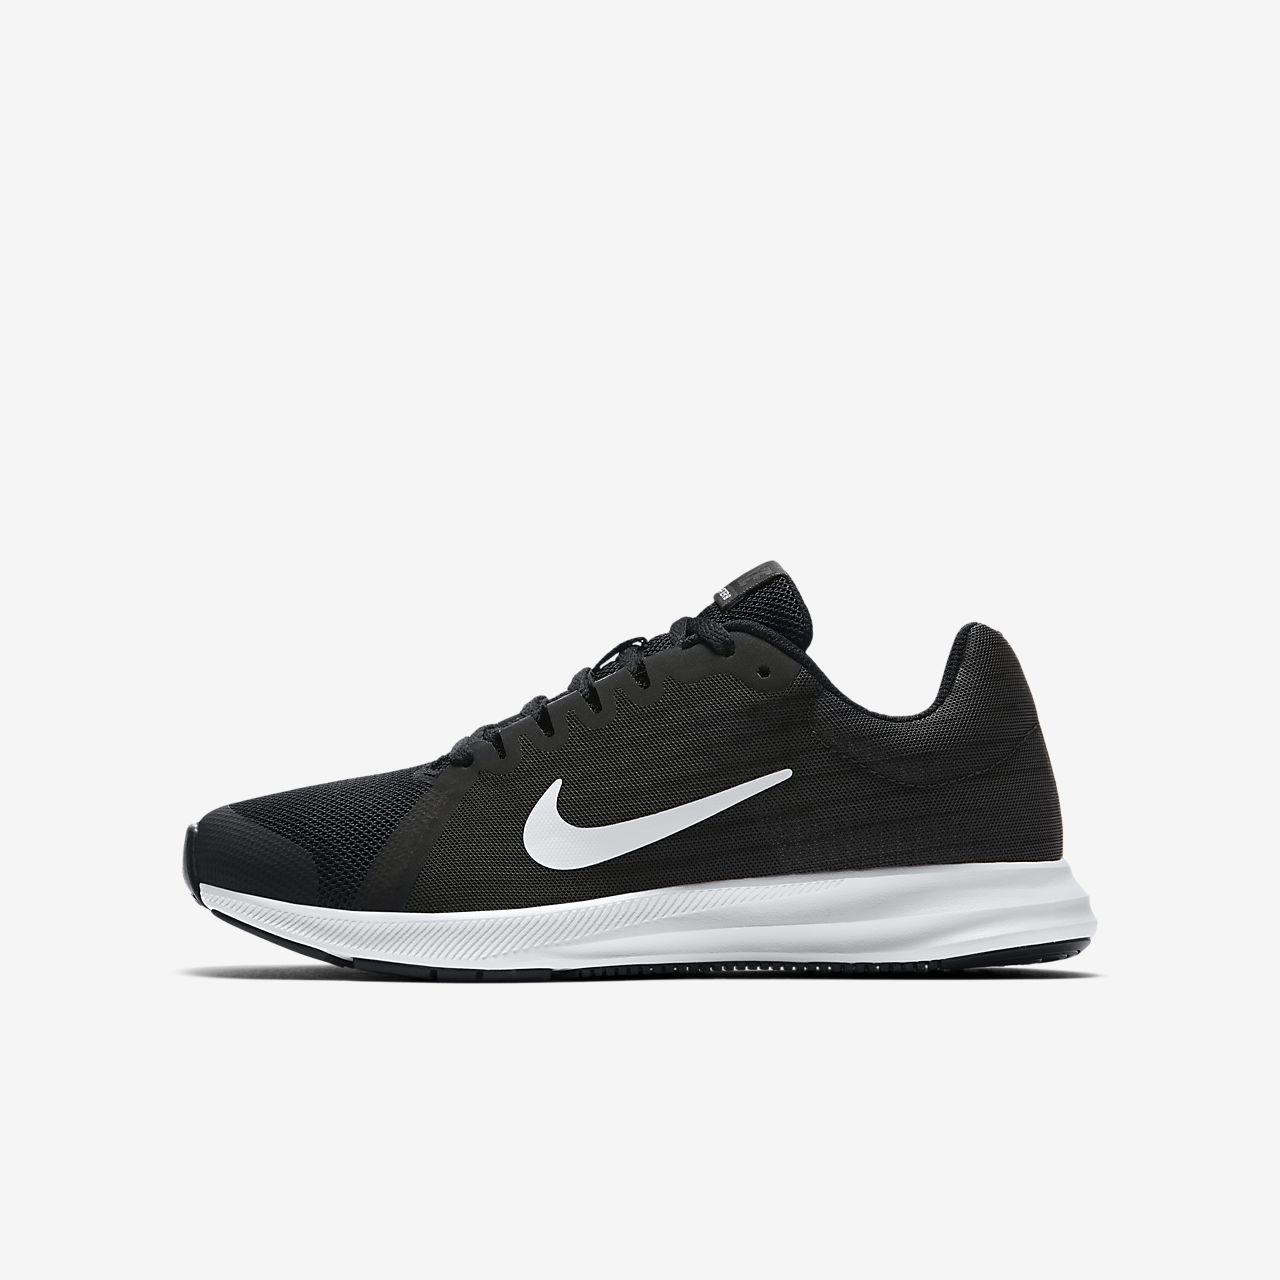 Scarpe da ginnastica Nike Free 5.0 Taglia 8